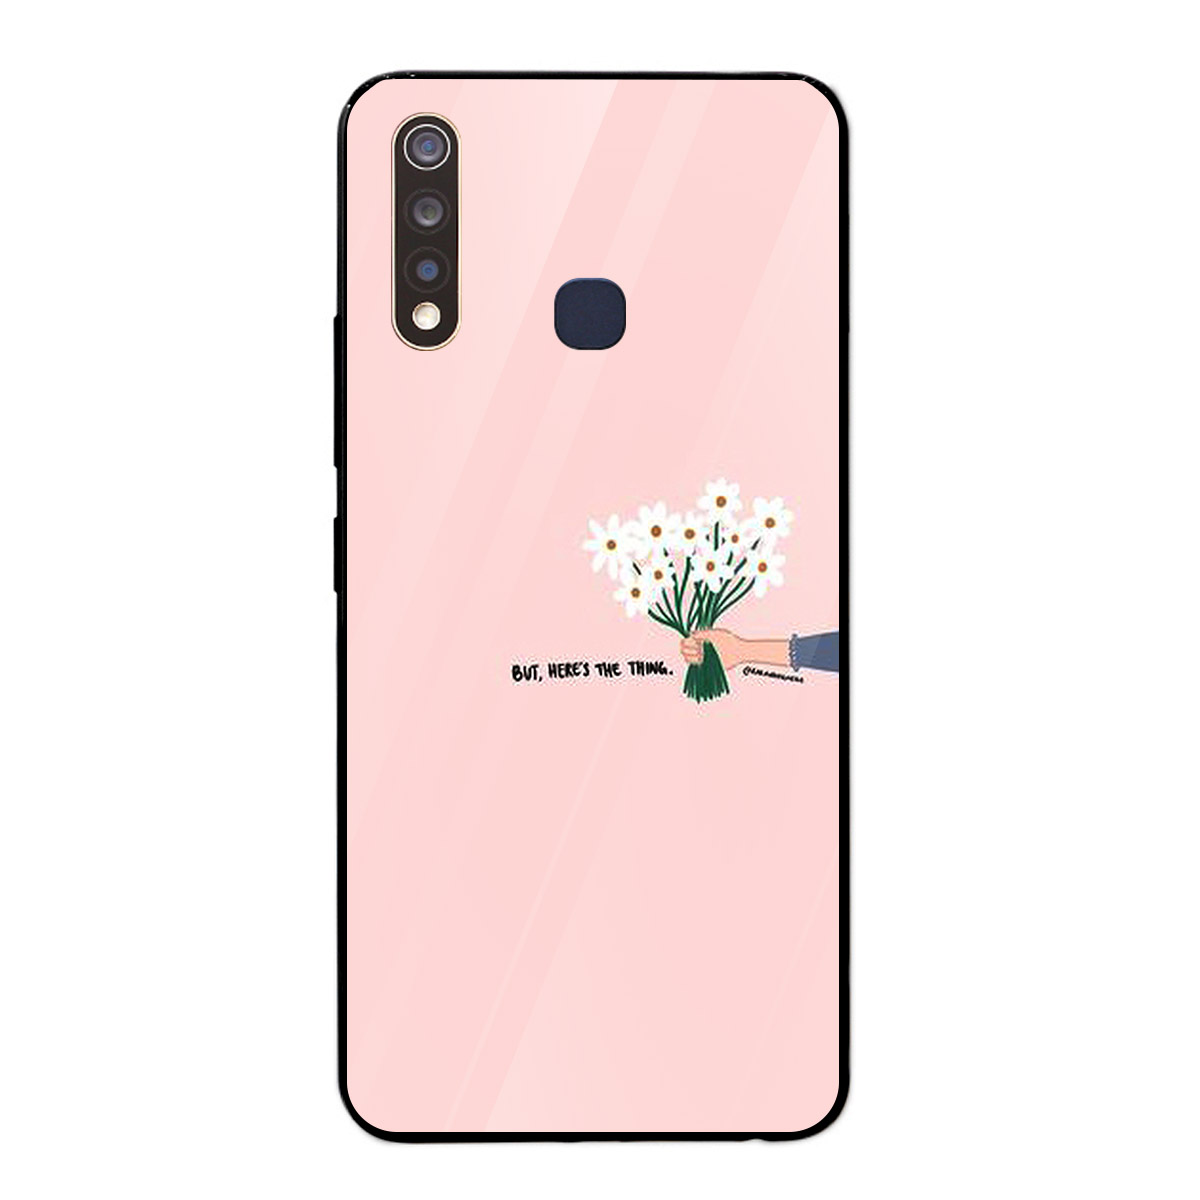 Ốp lưng dành cho điện thoại Vivo Y19 in họa tiết FLWR0038 -Cánh tay cầm bó hoa